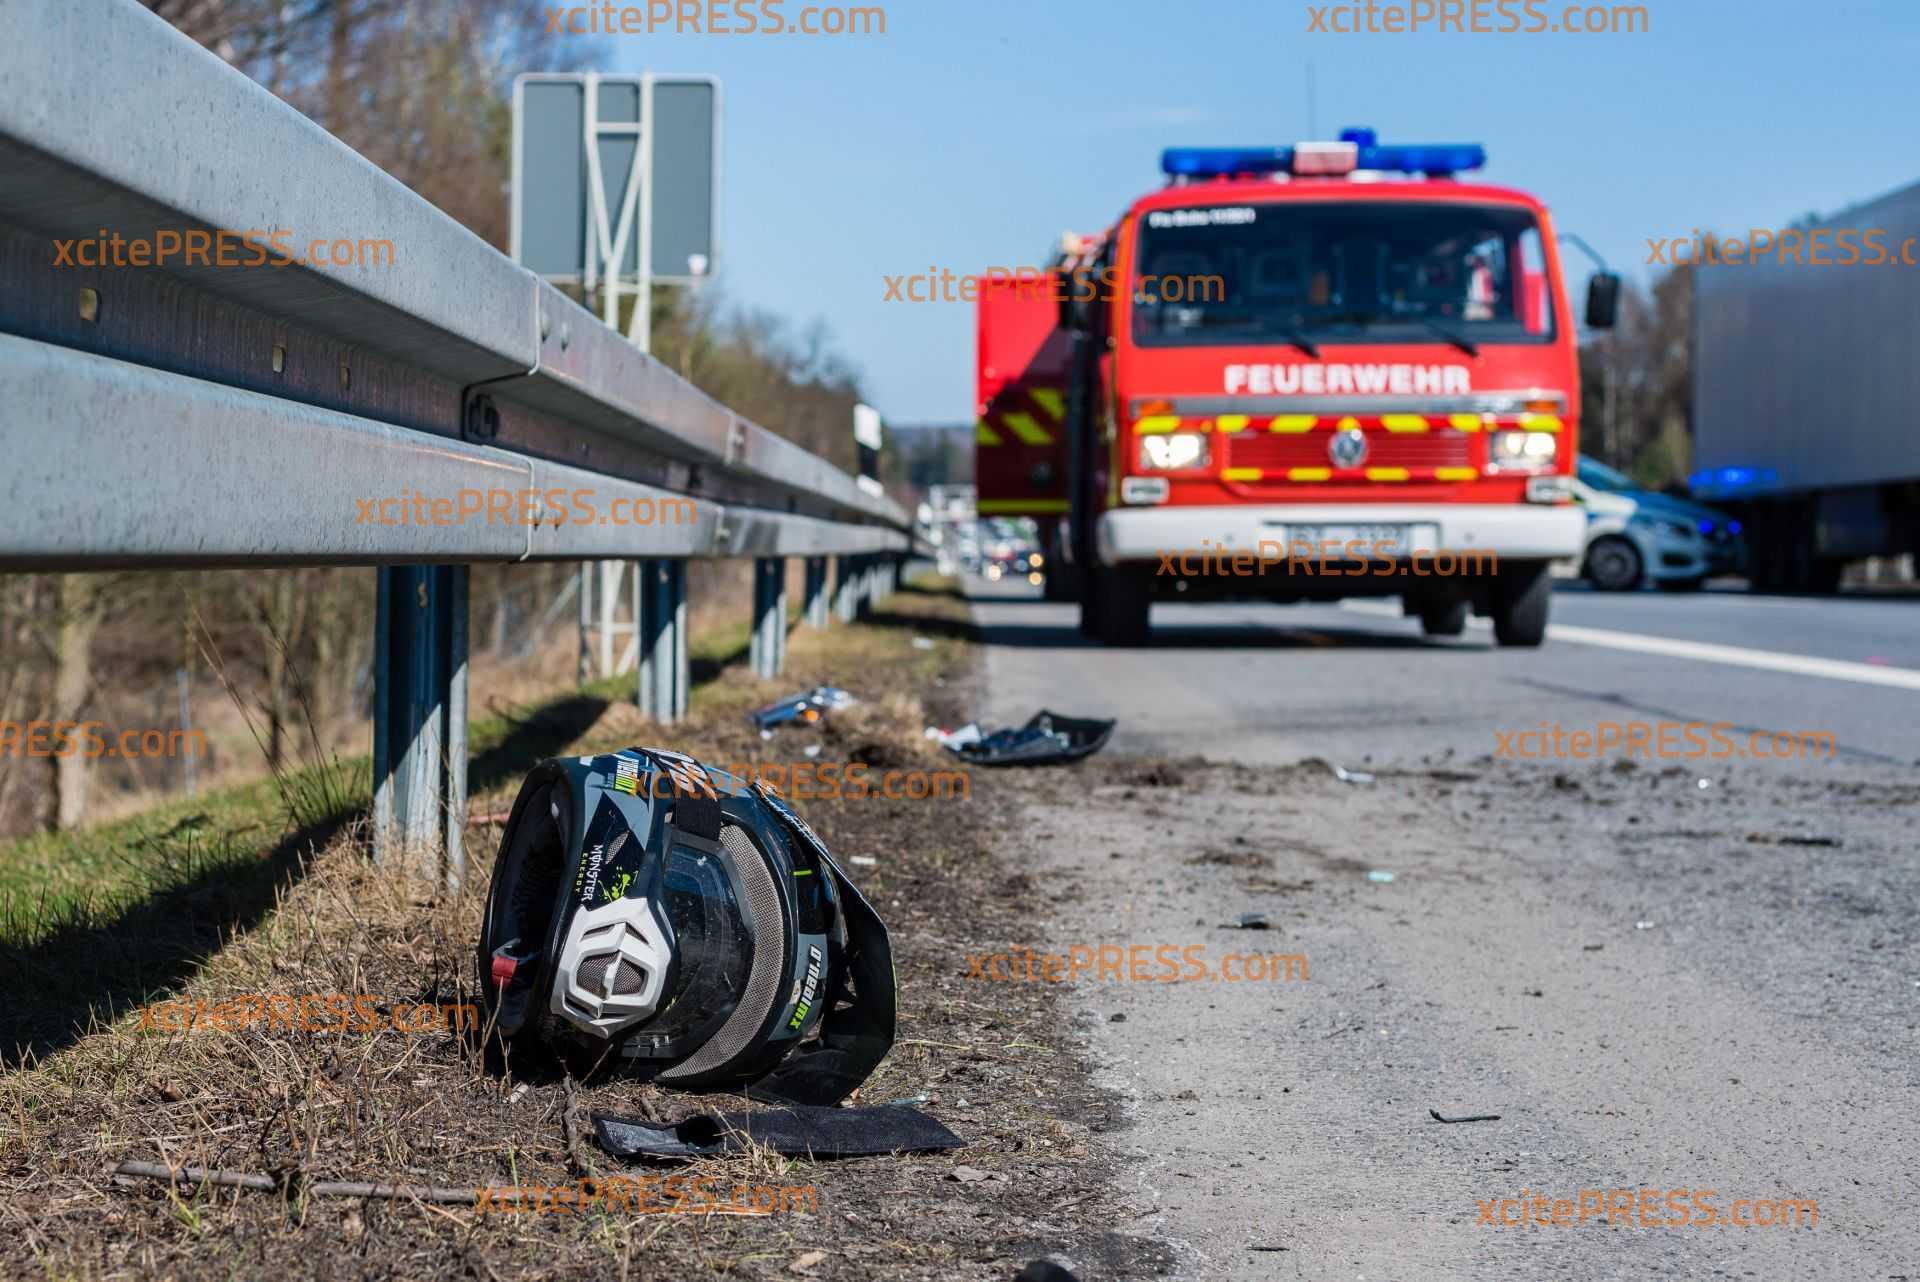 Schwere Unfälle auf der A4 bei Ohorn - Gaffer behindern den Verkehr: Motorradunfall sorgt für Stau - mehrere Unfälle im Gegenverkehr